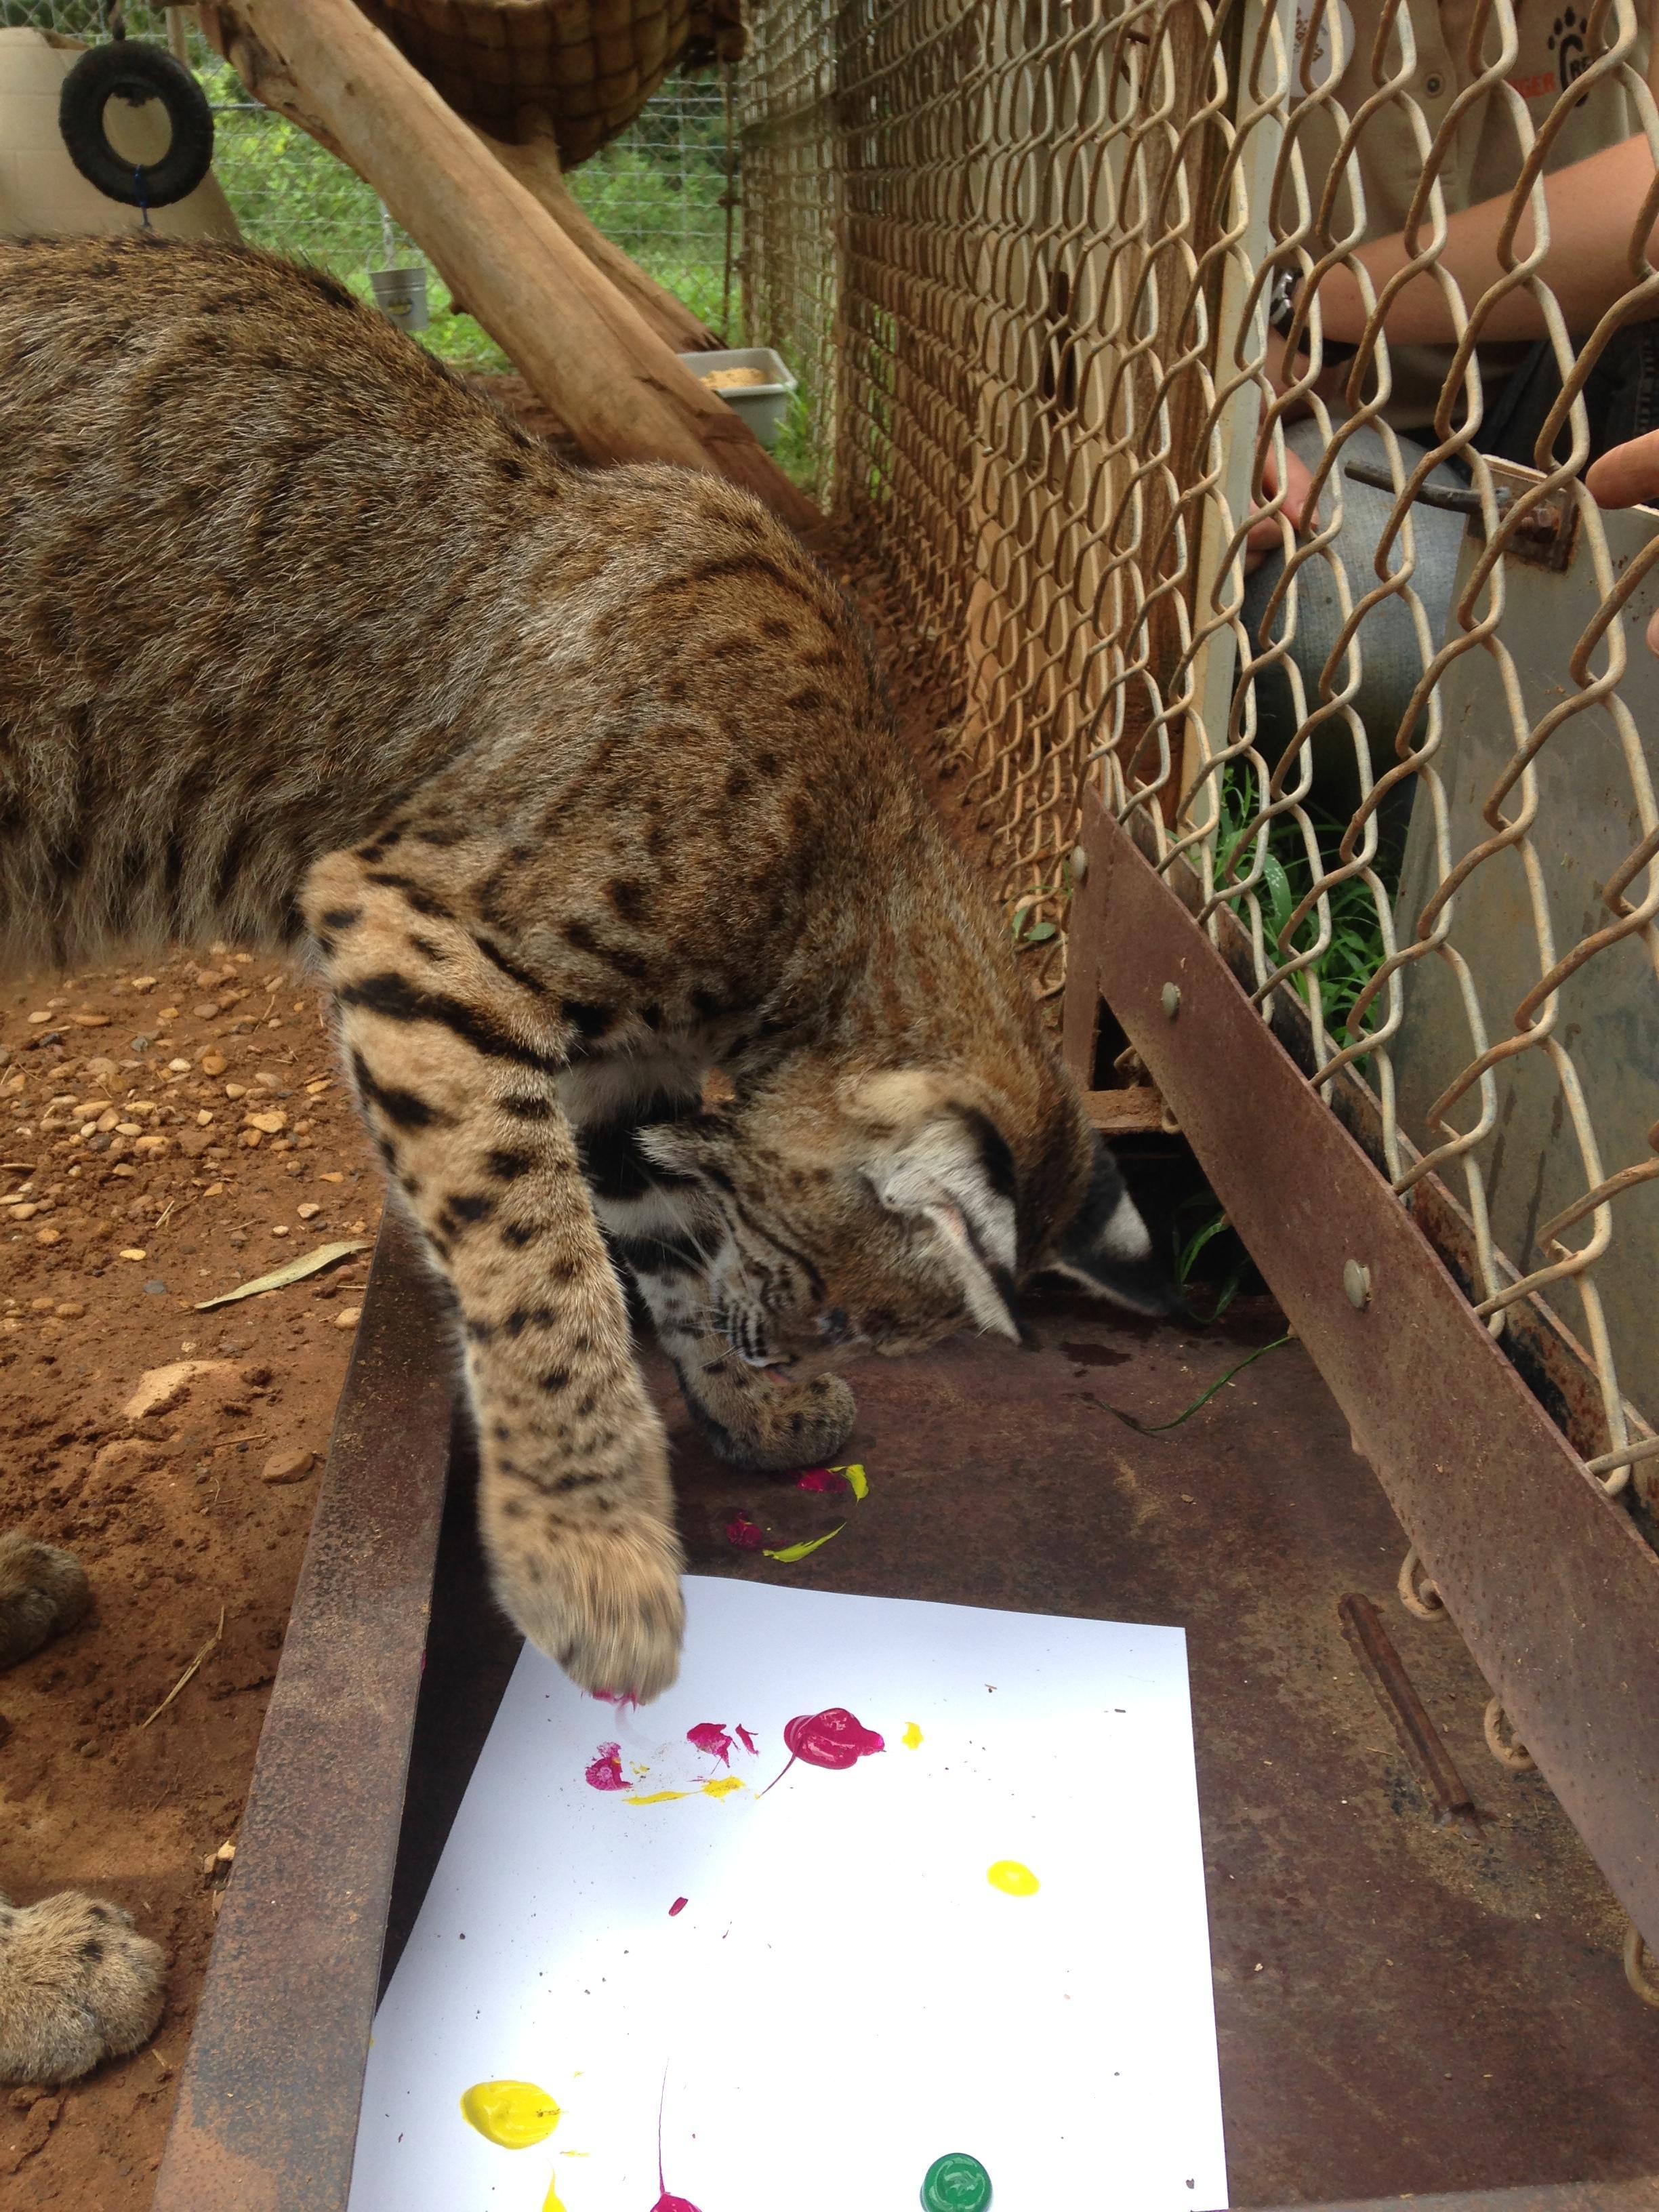 zoo animals 6